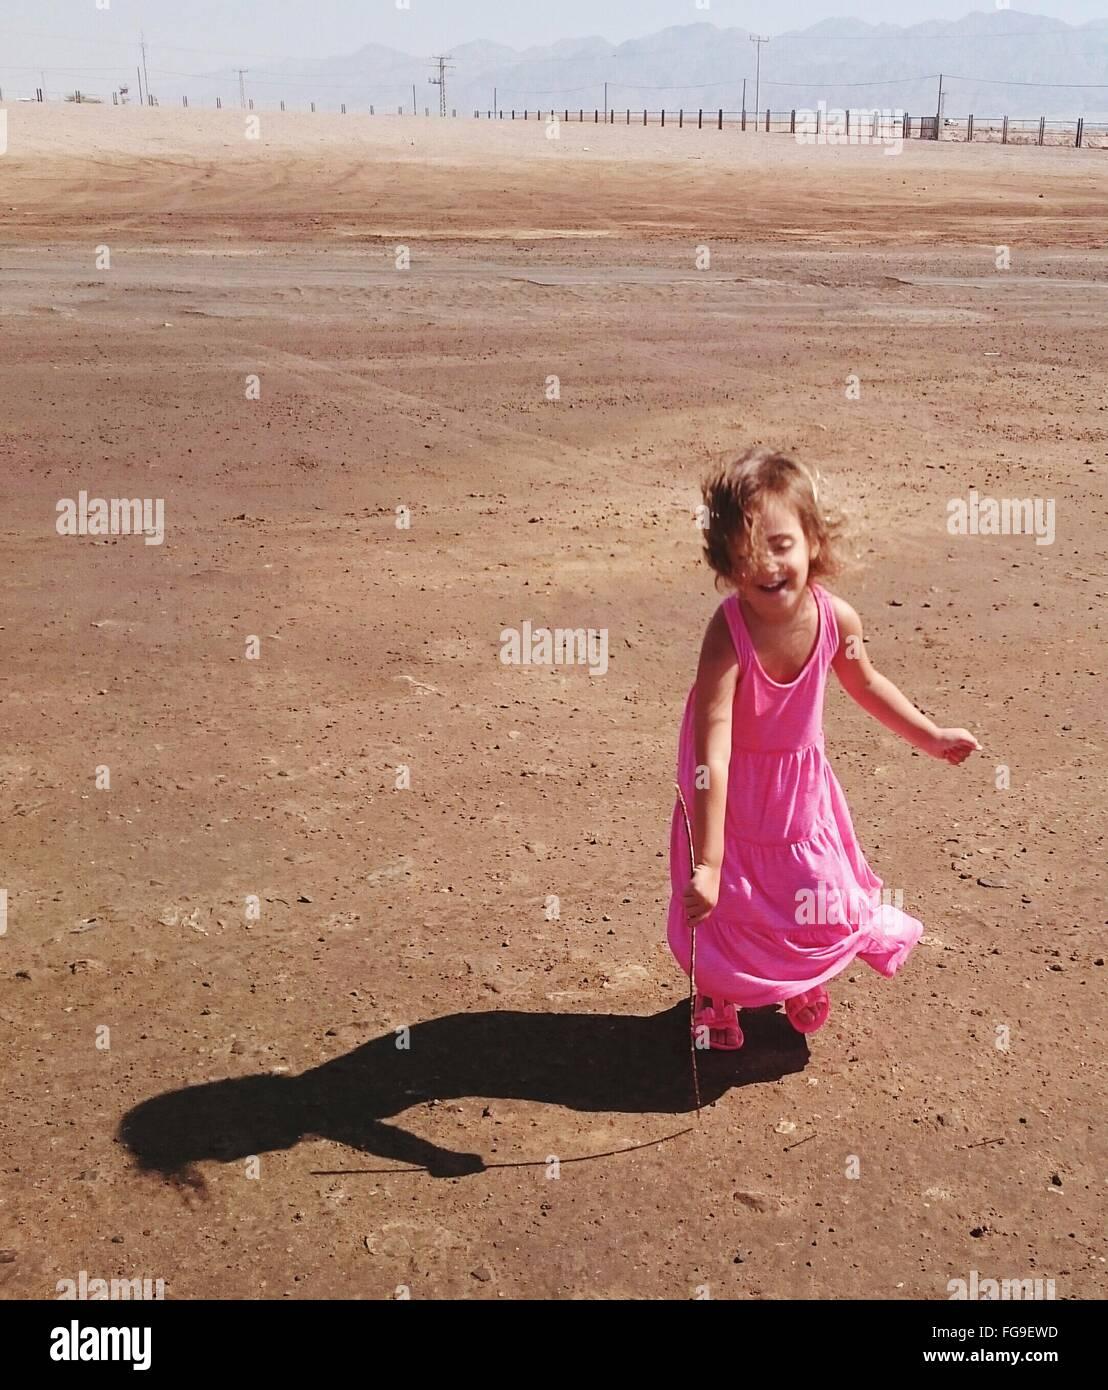 Glückliche Mädchen genießen In Wüste an sonnigen Tag Stockbild